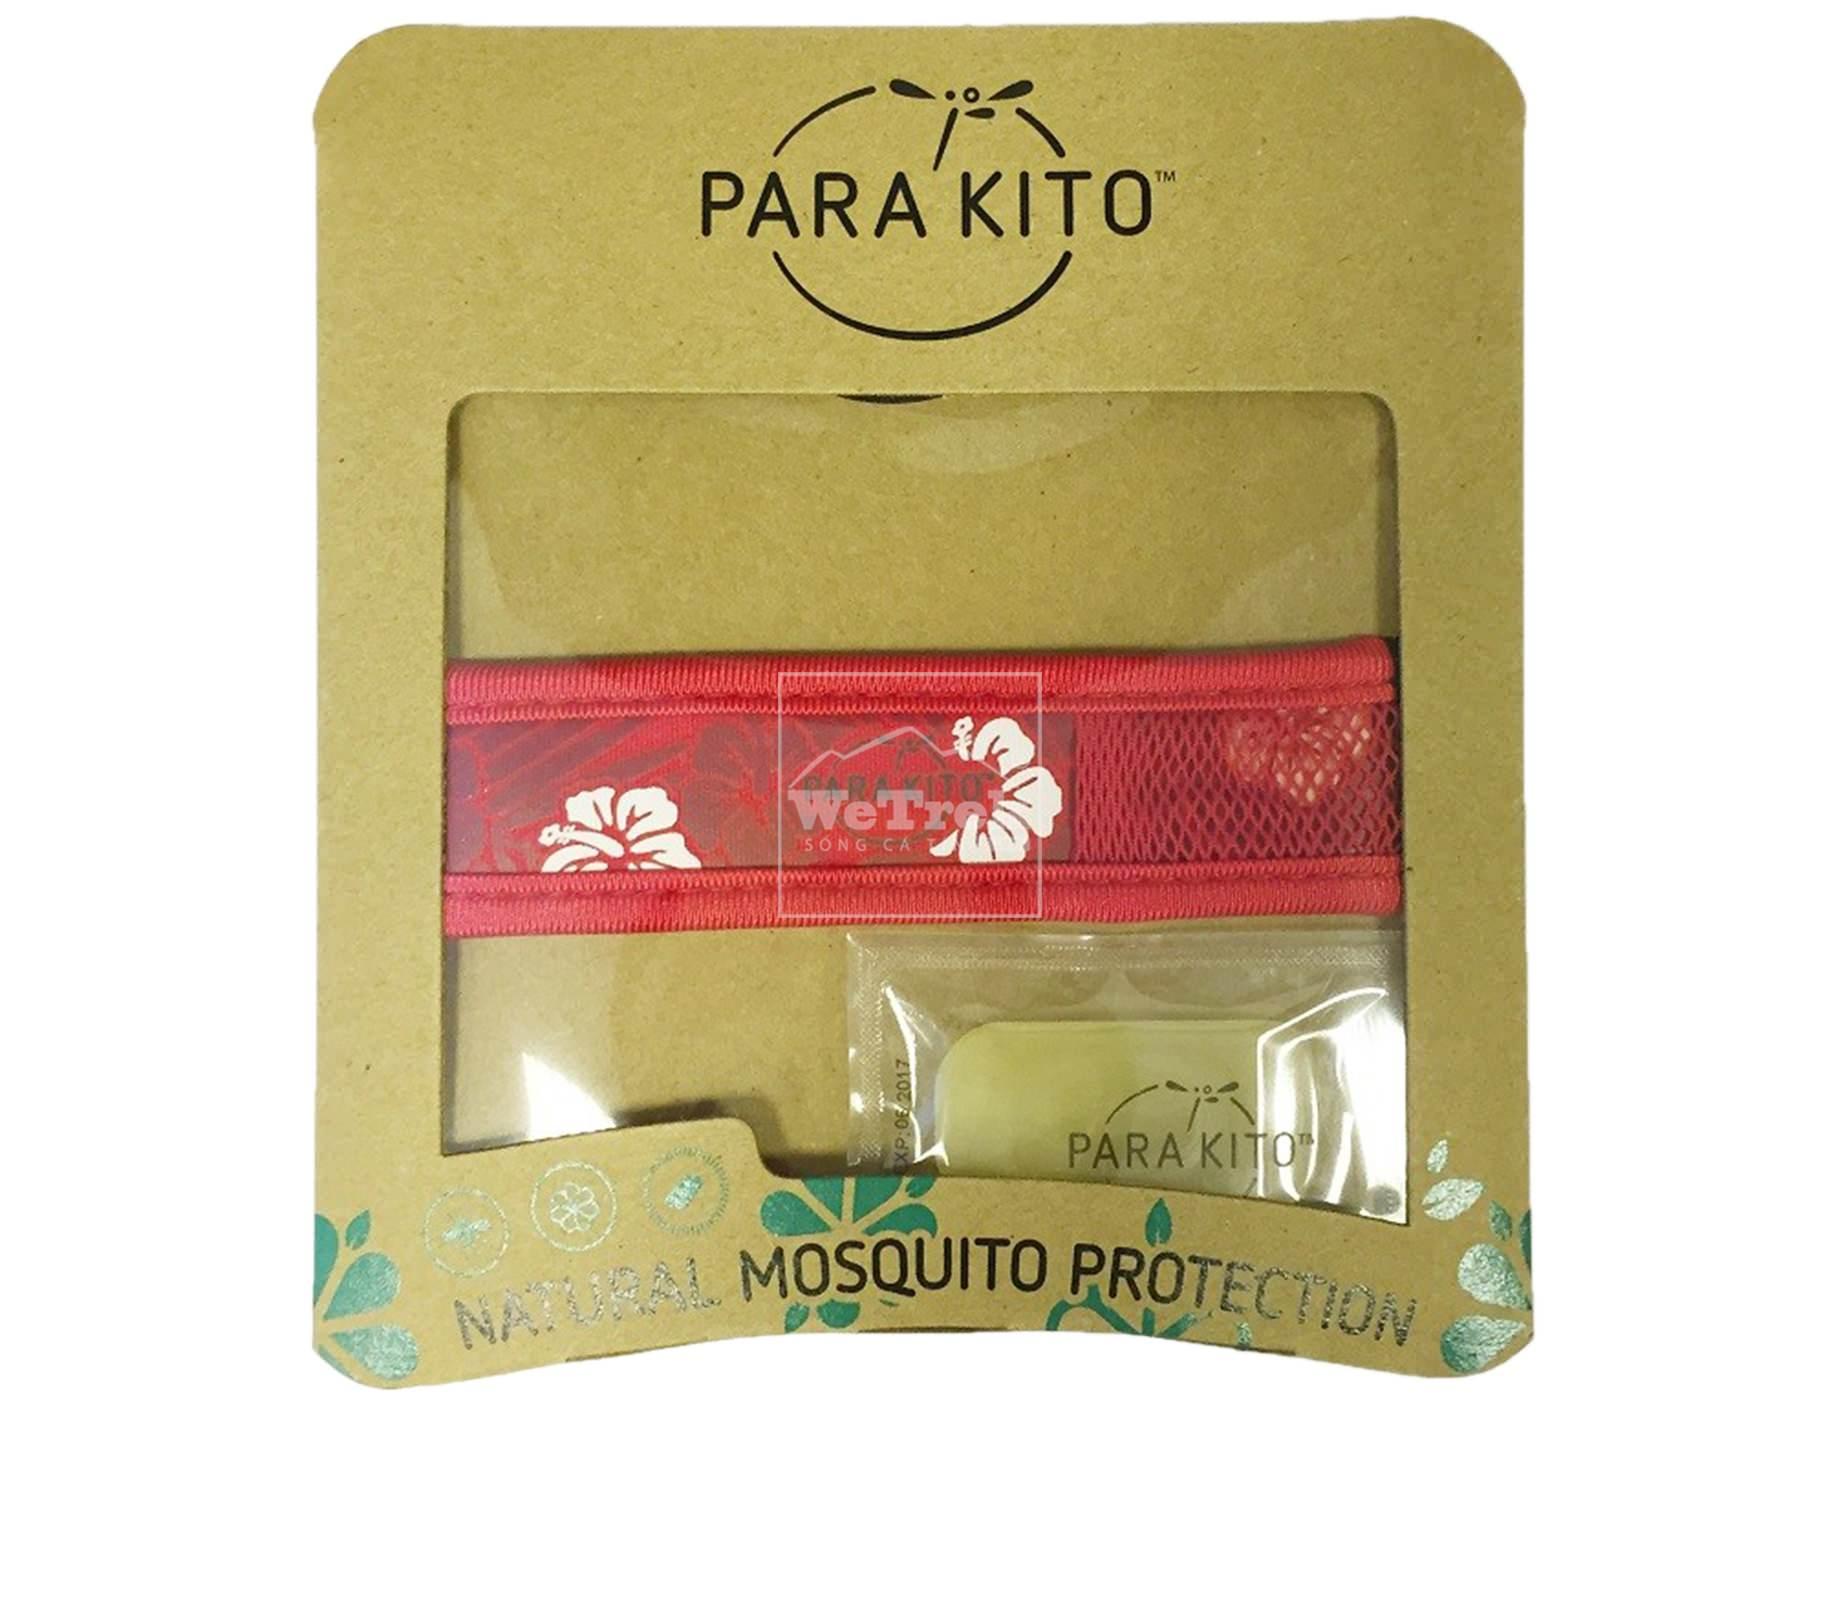 sap-chong-muoi-1-mieng-kem-vong-tay-parakito-hawaii-band-7507-wetrek.vn-1